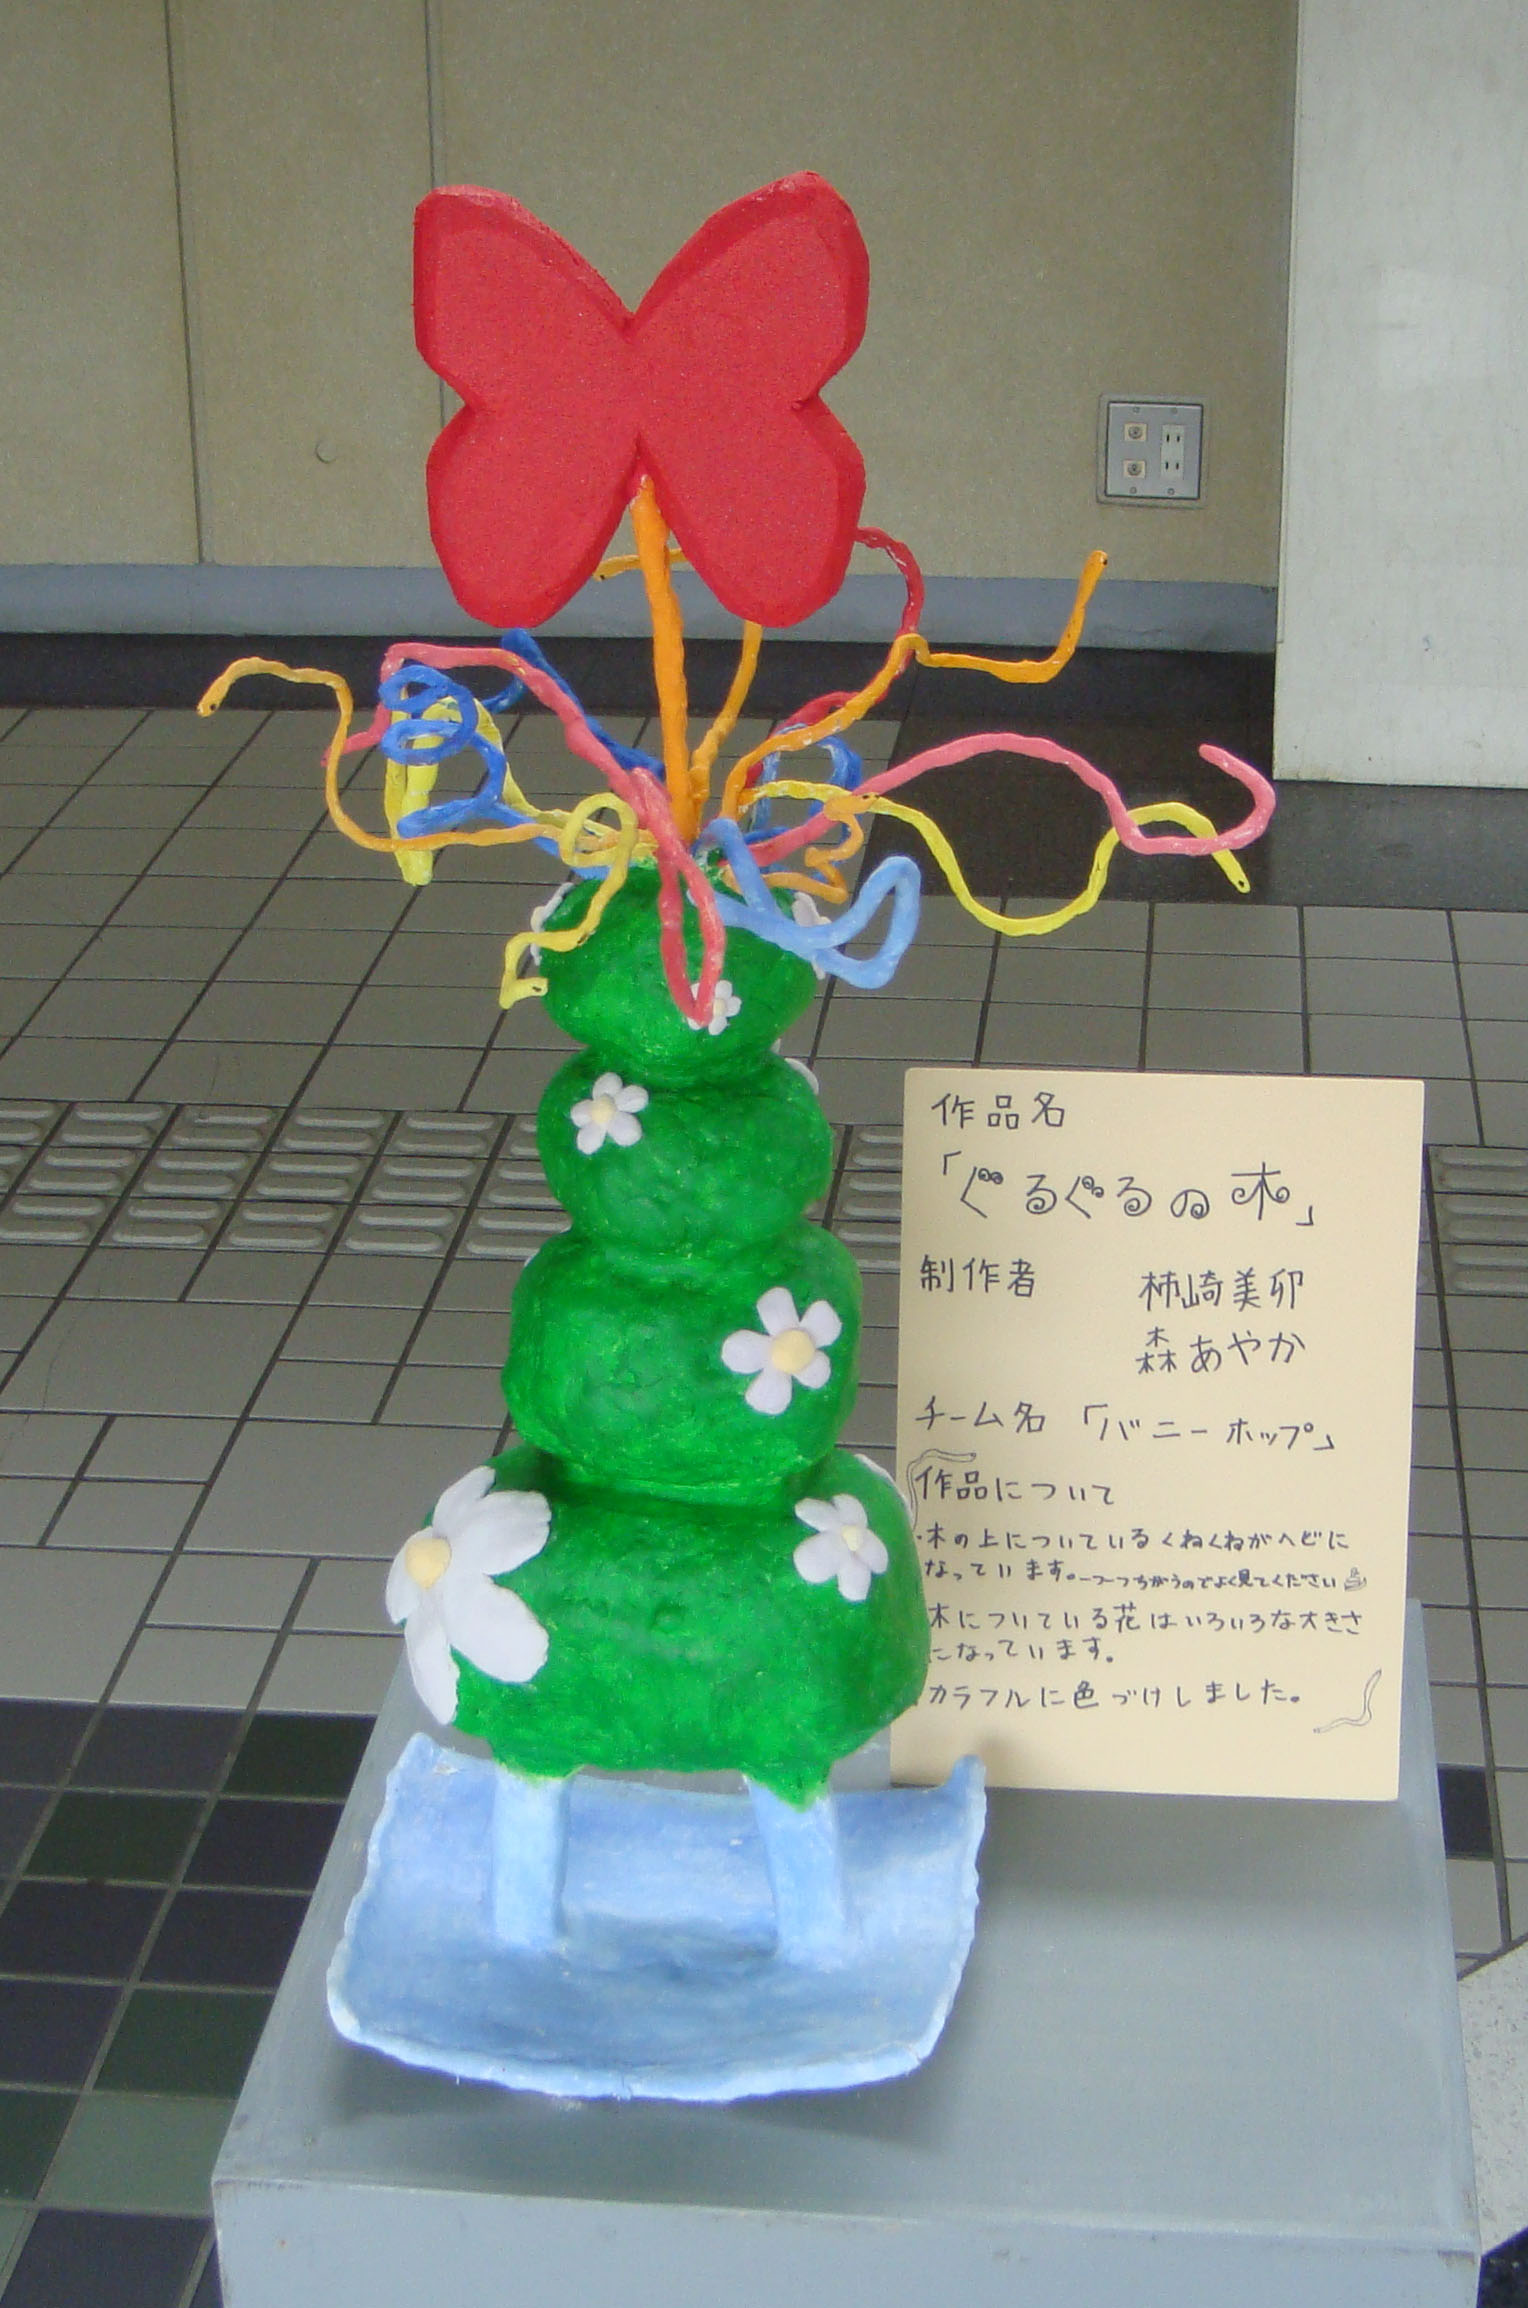 「千曲アートコンペ 2011」の1_e0226943_0305477.jpg